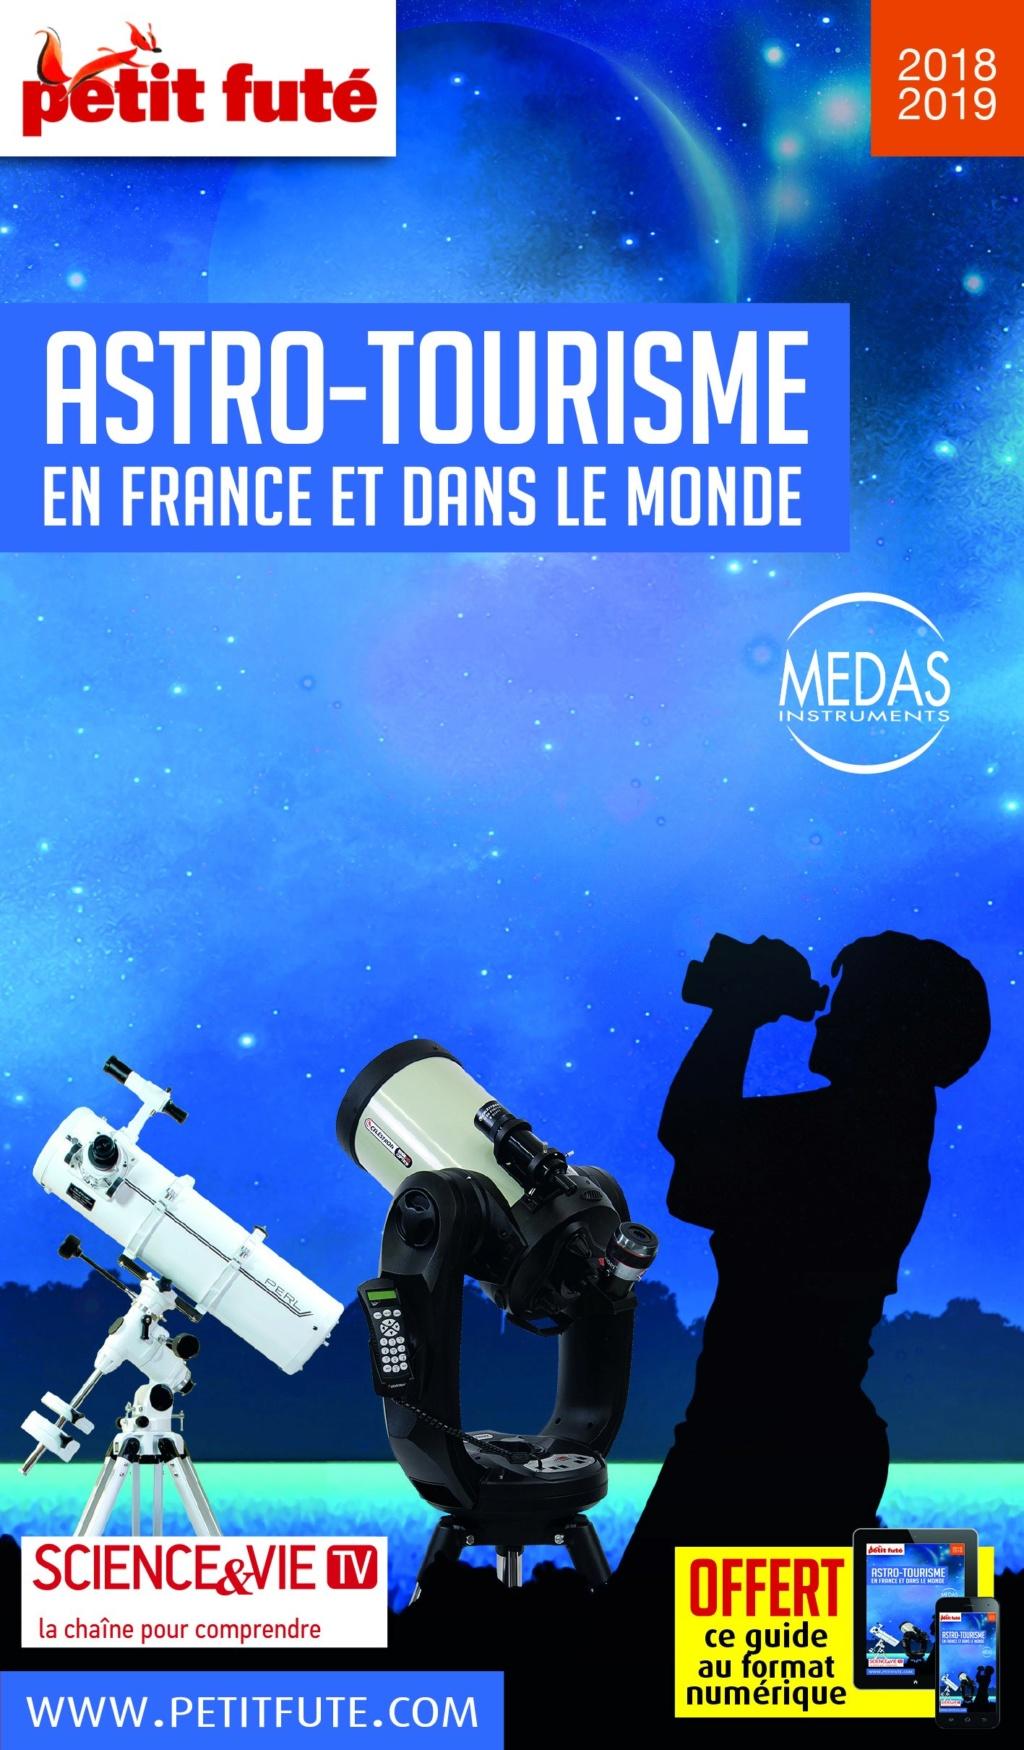 Livre : Guide de l'Astro-Tourisme en France et dans le Monde 2018 Petit Futé 111